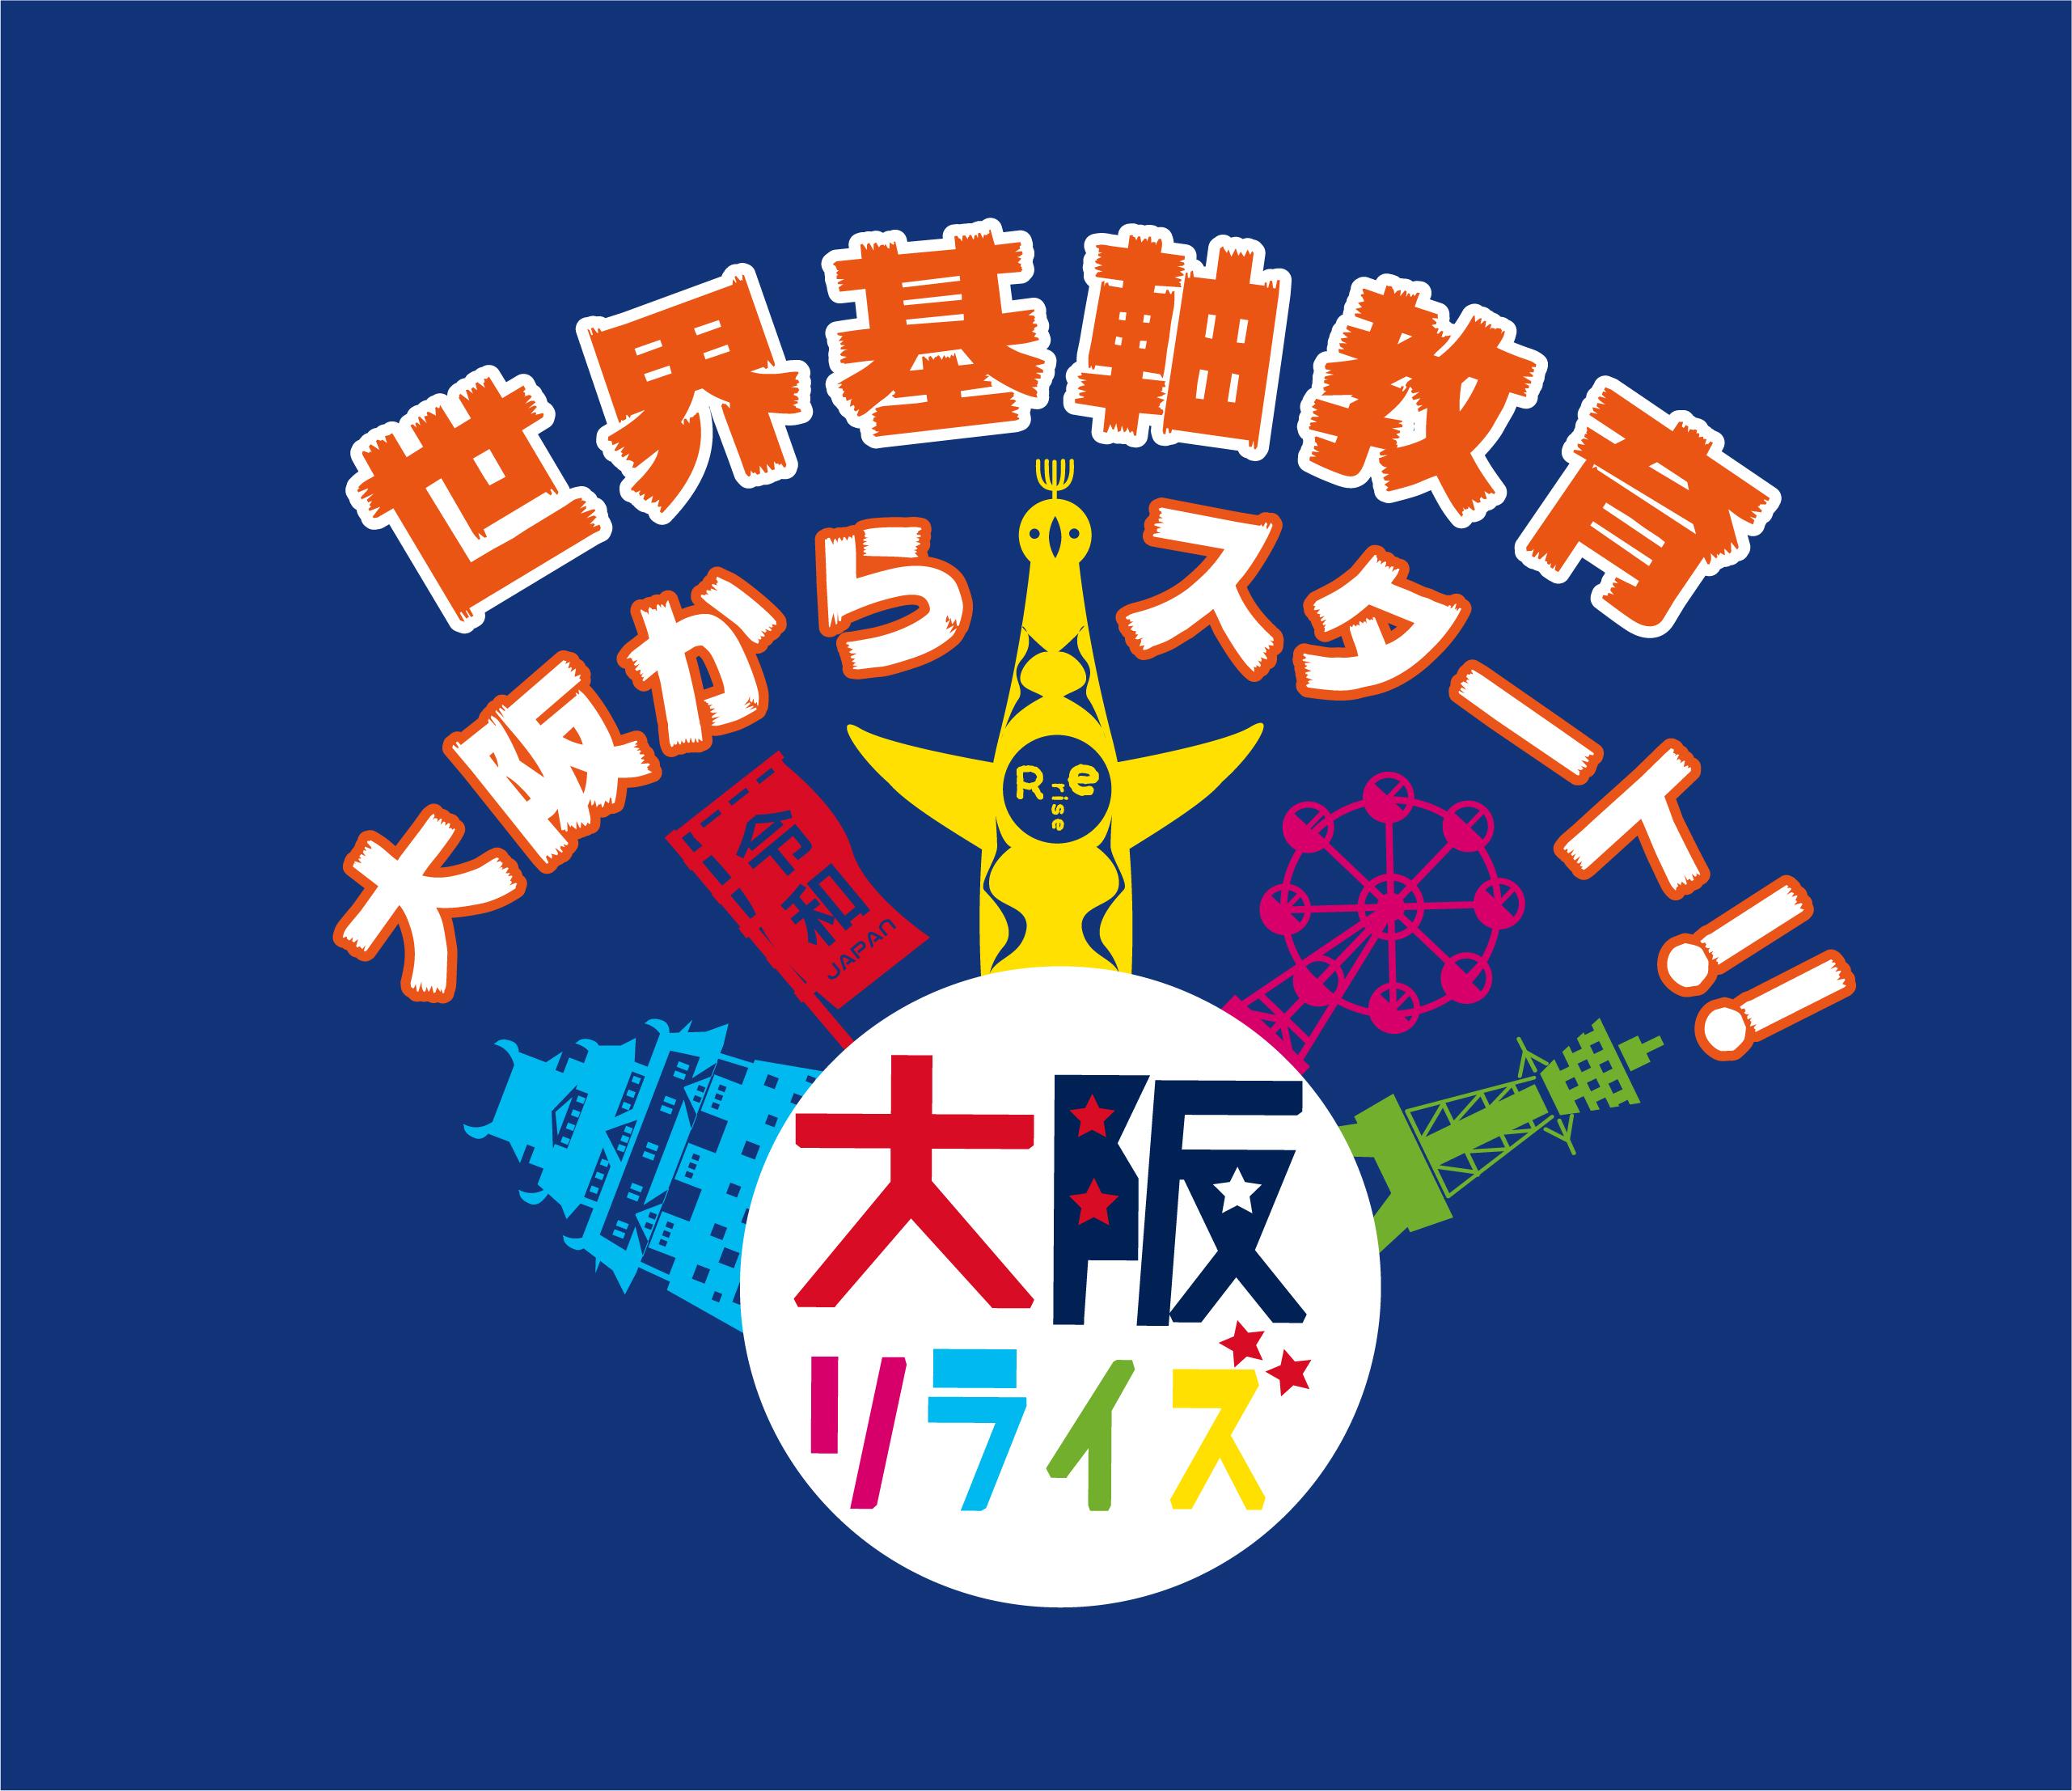 大阪 Re・riseフェスティバル~Dignity2.0×SNS3.0で時代が変わる